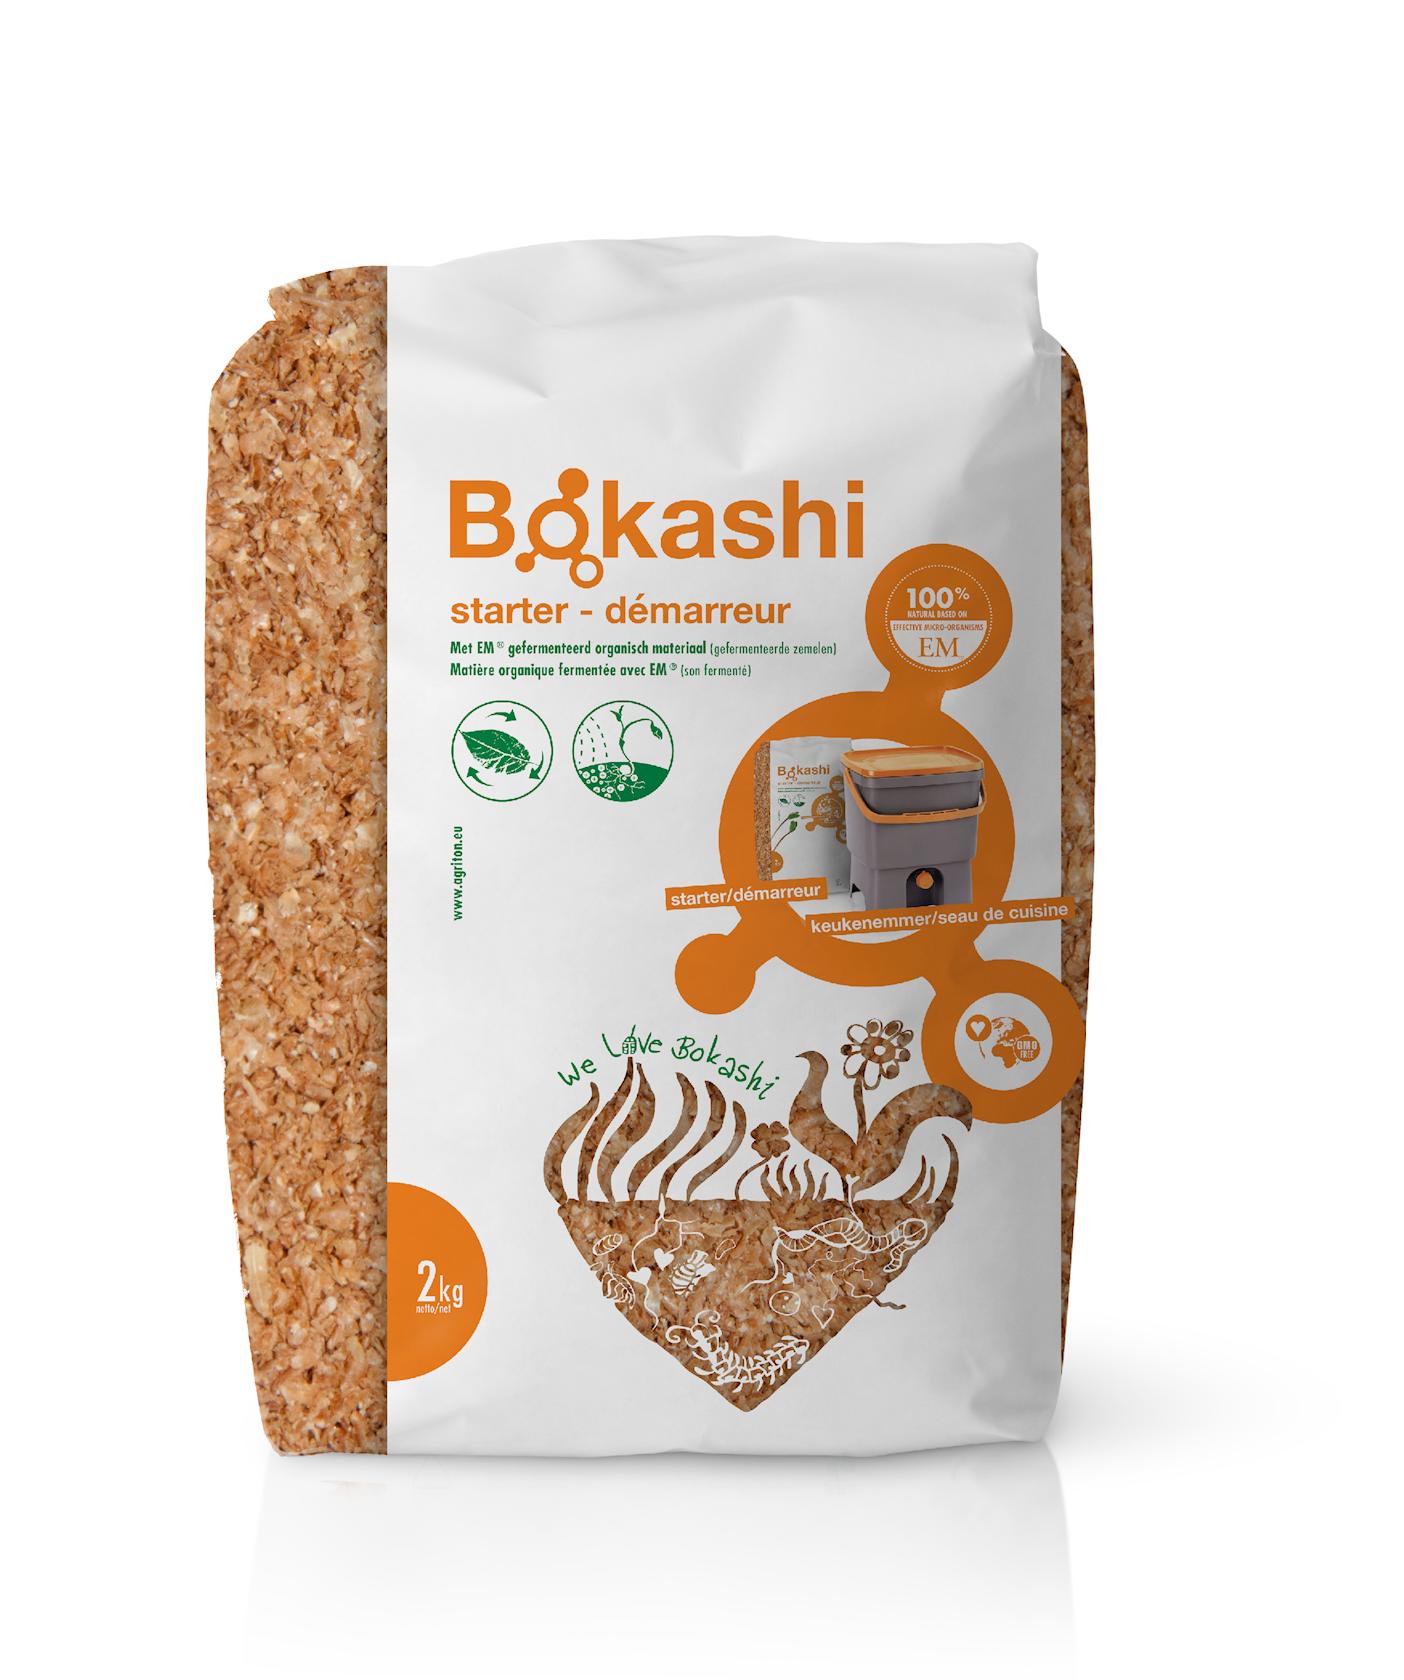 Bokashi-starter 2kg - zet het fermentatieproces op gang